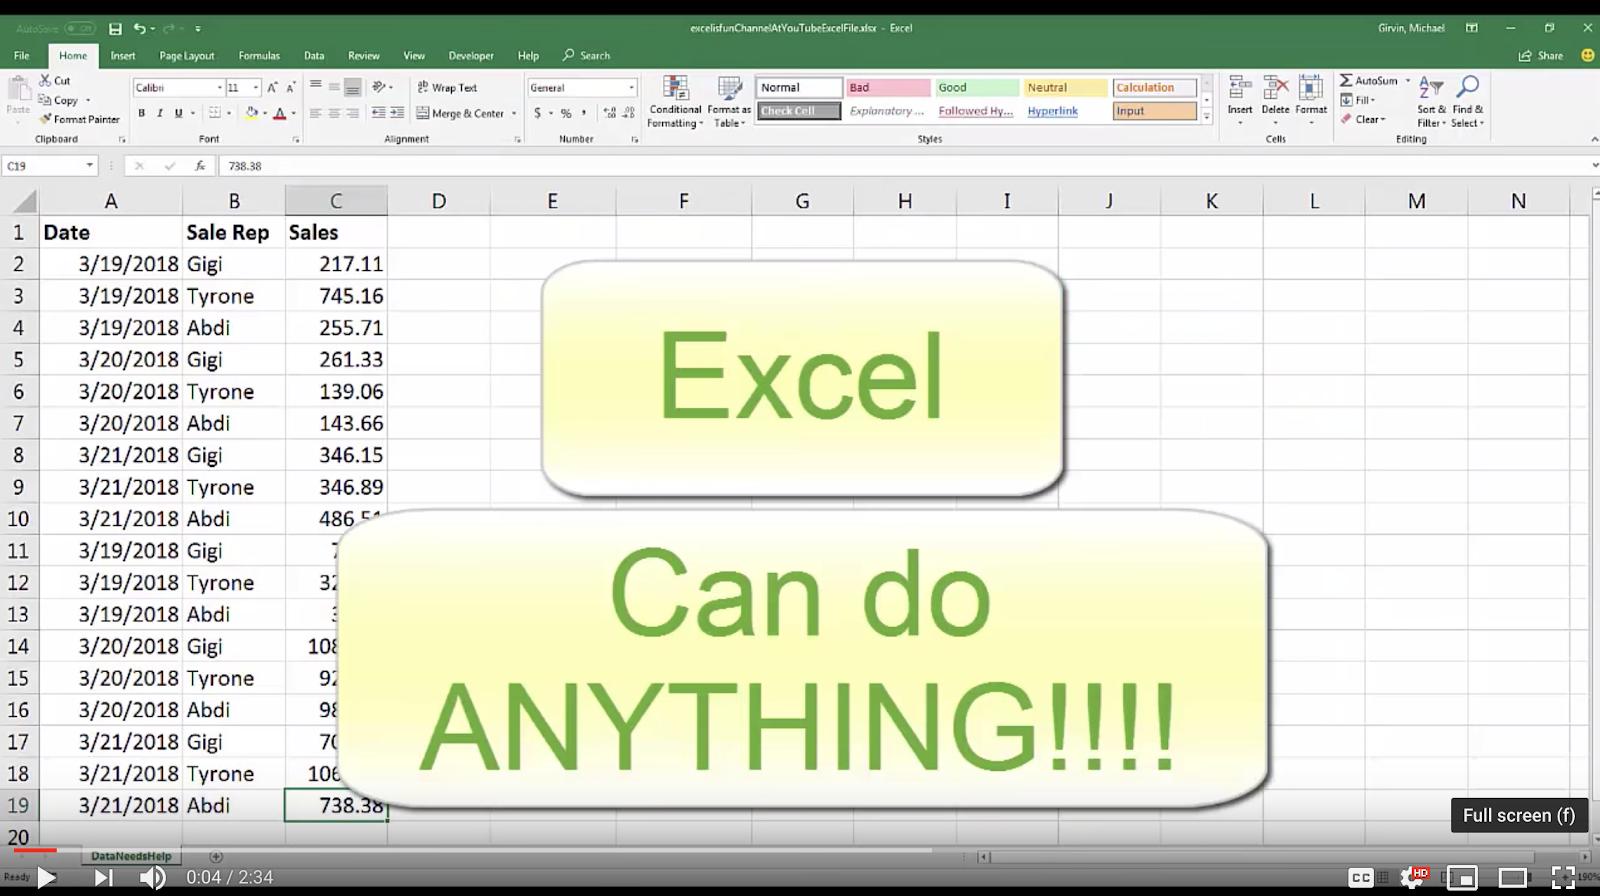 Ода Excel: 34 года волшебства - 1